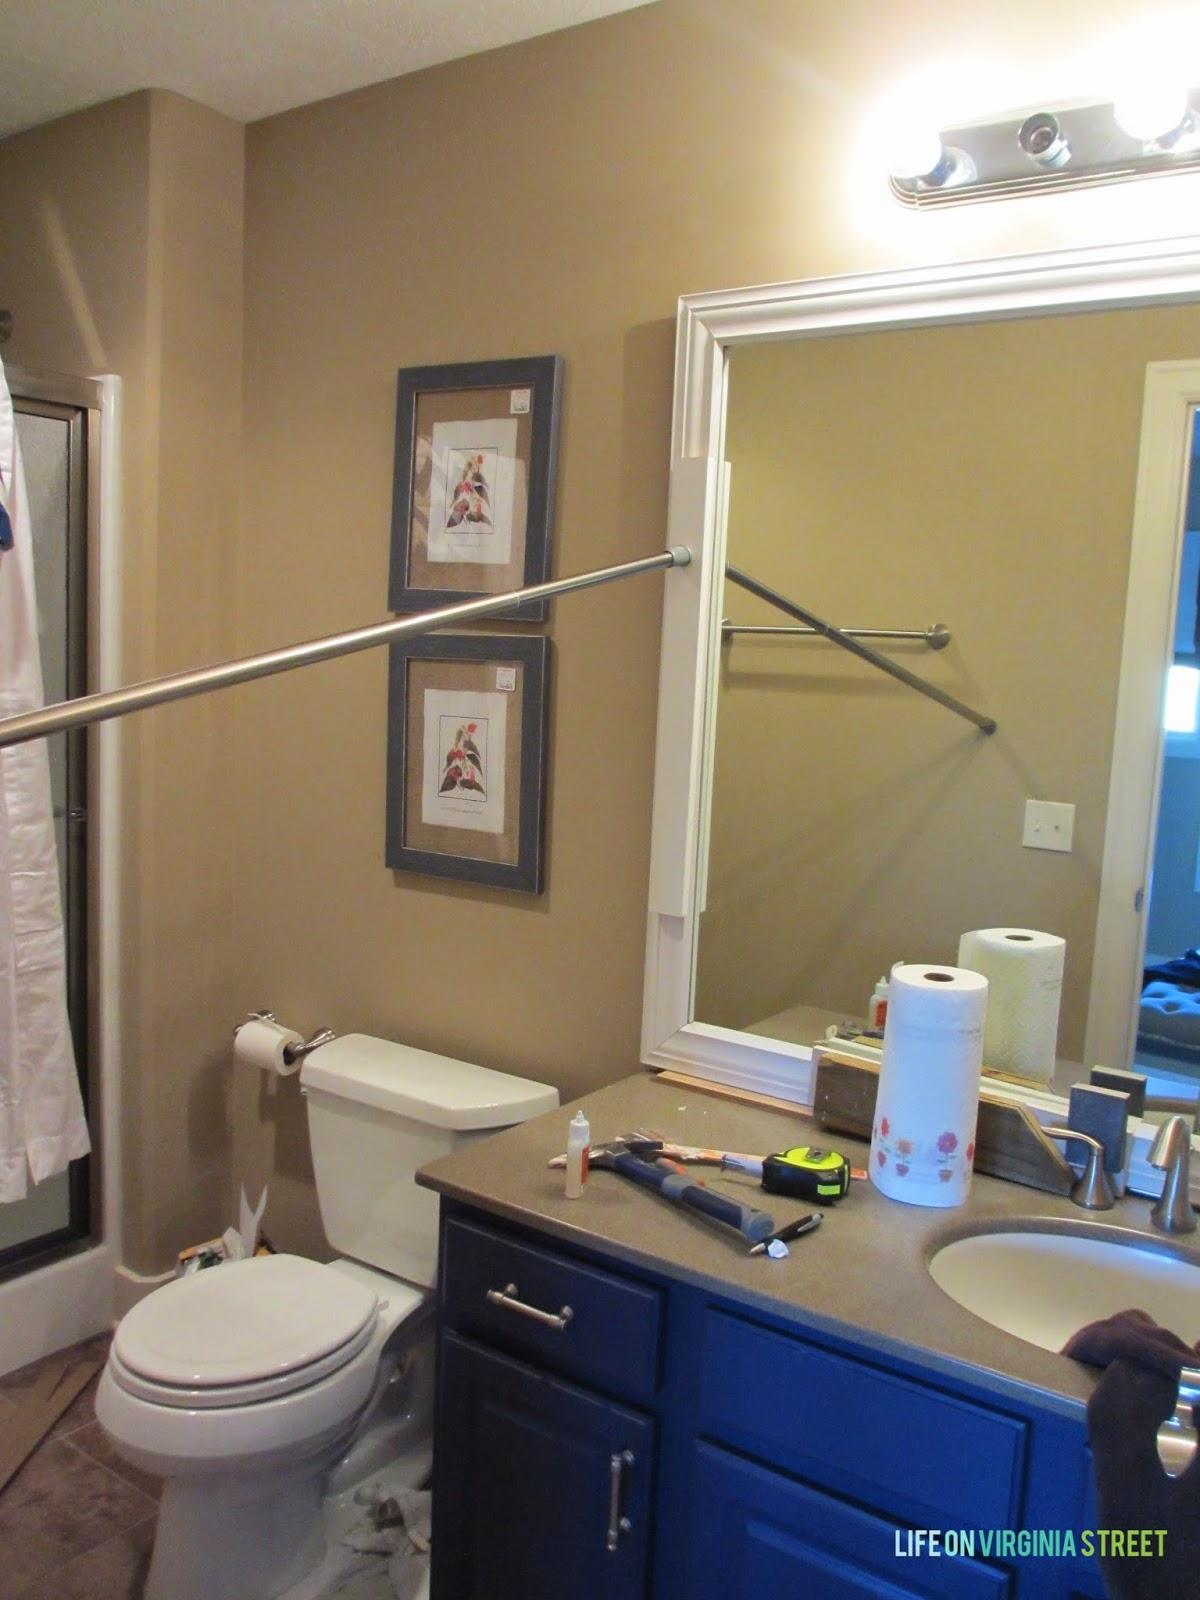 Framing builder grade bathroom mirror